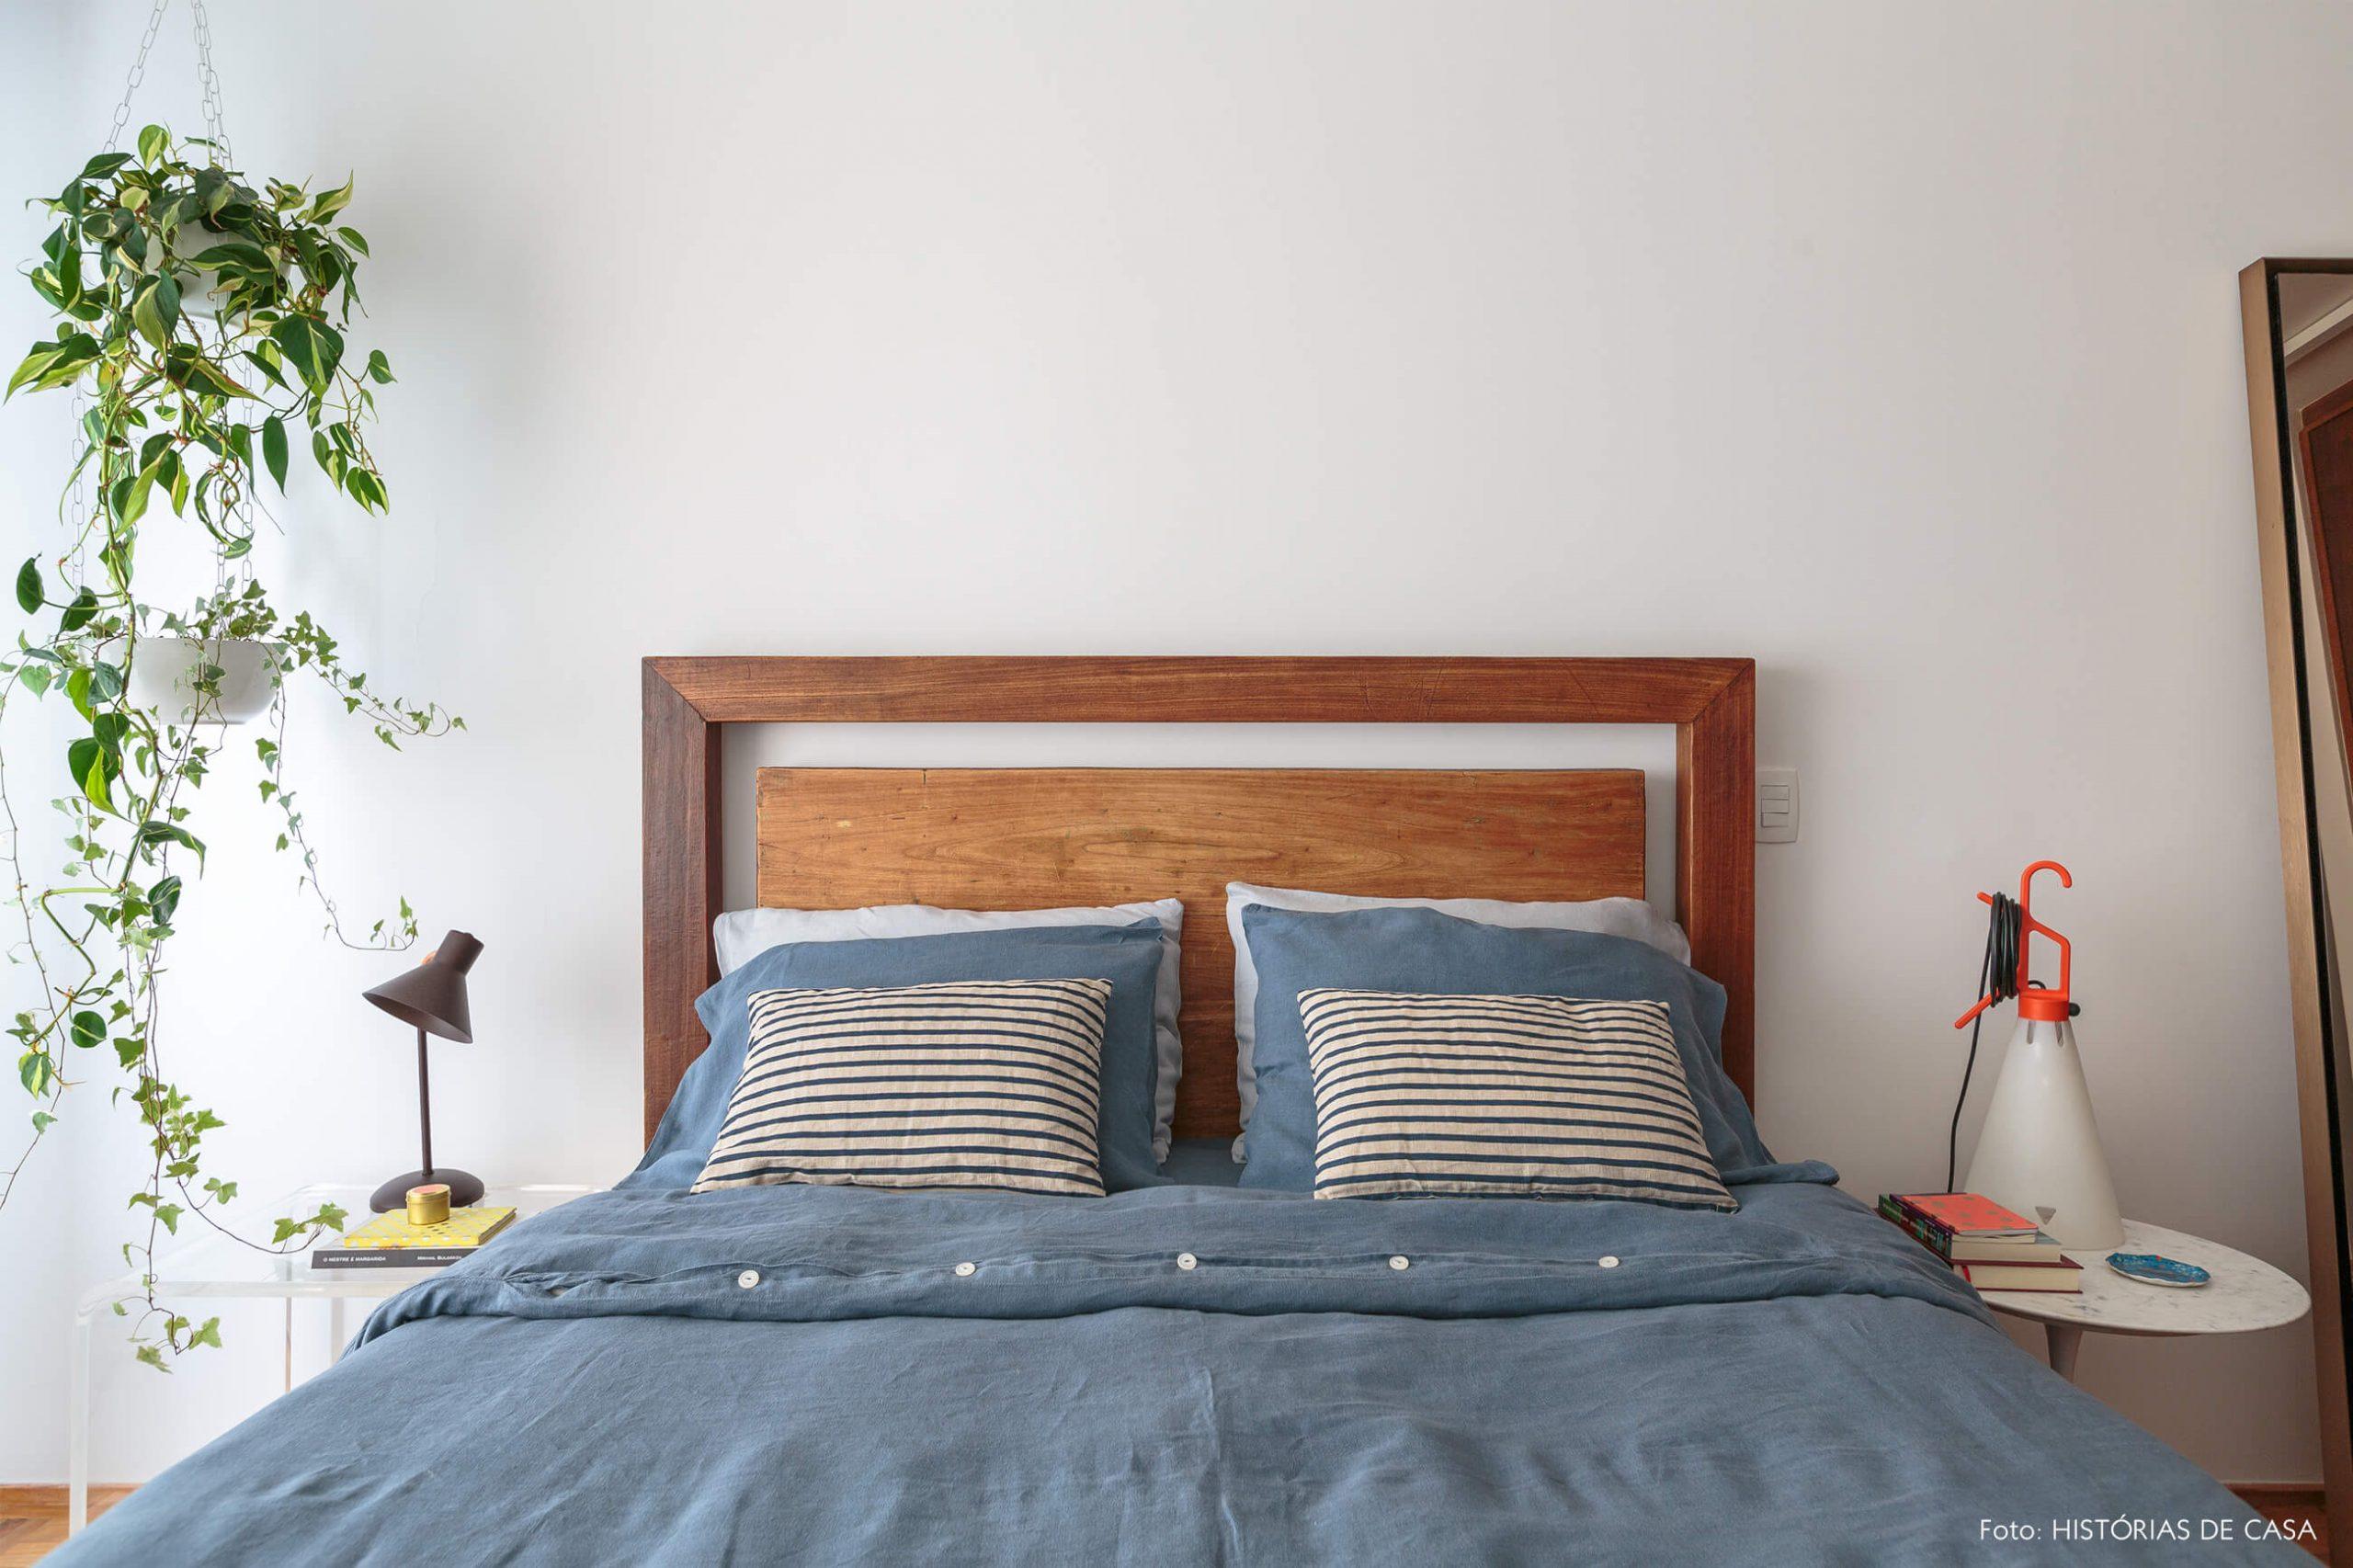 quarto-com-cama-madeira-e-plantas